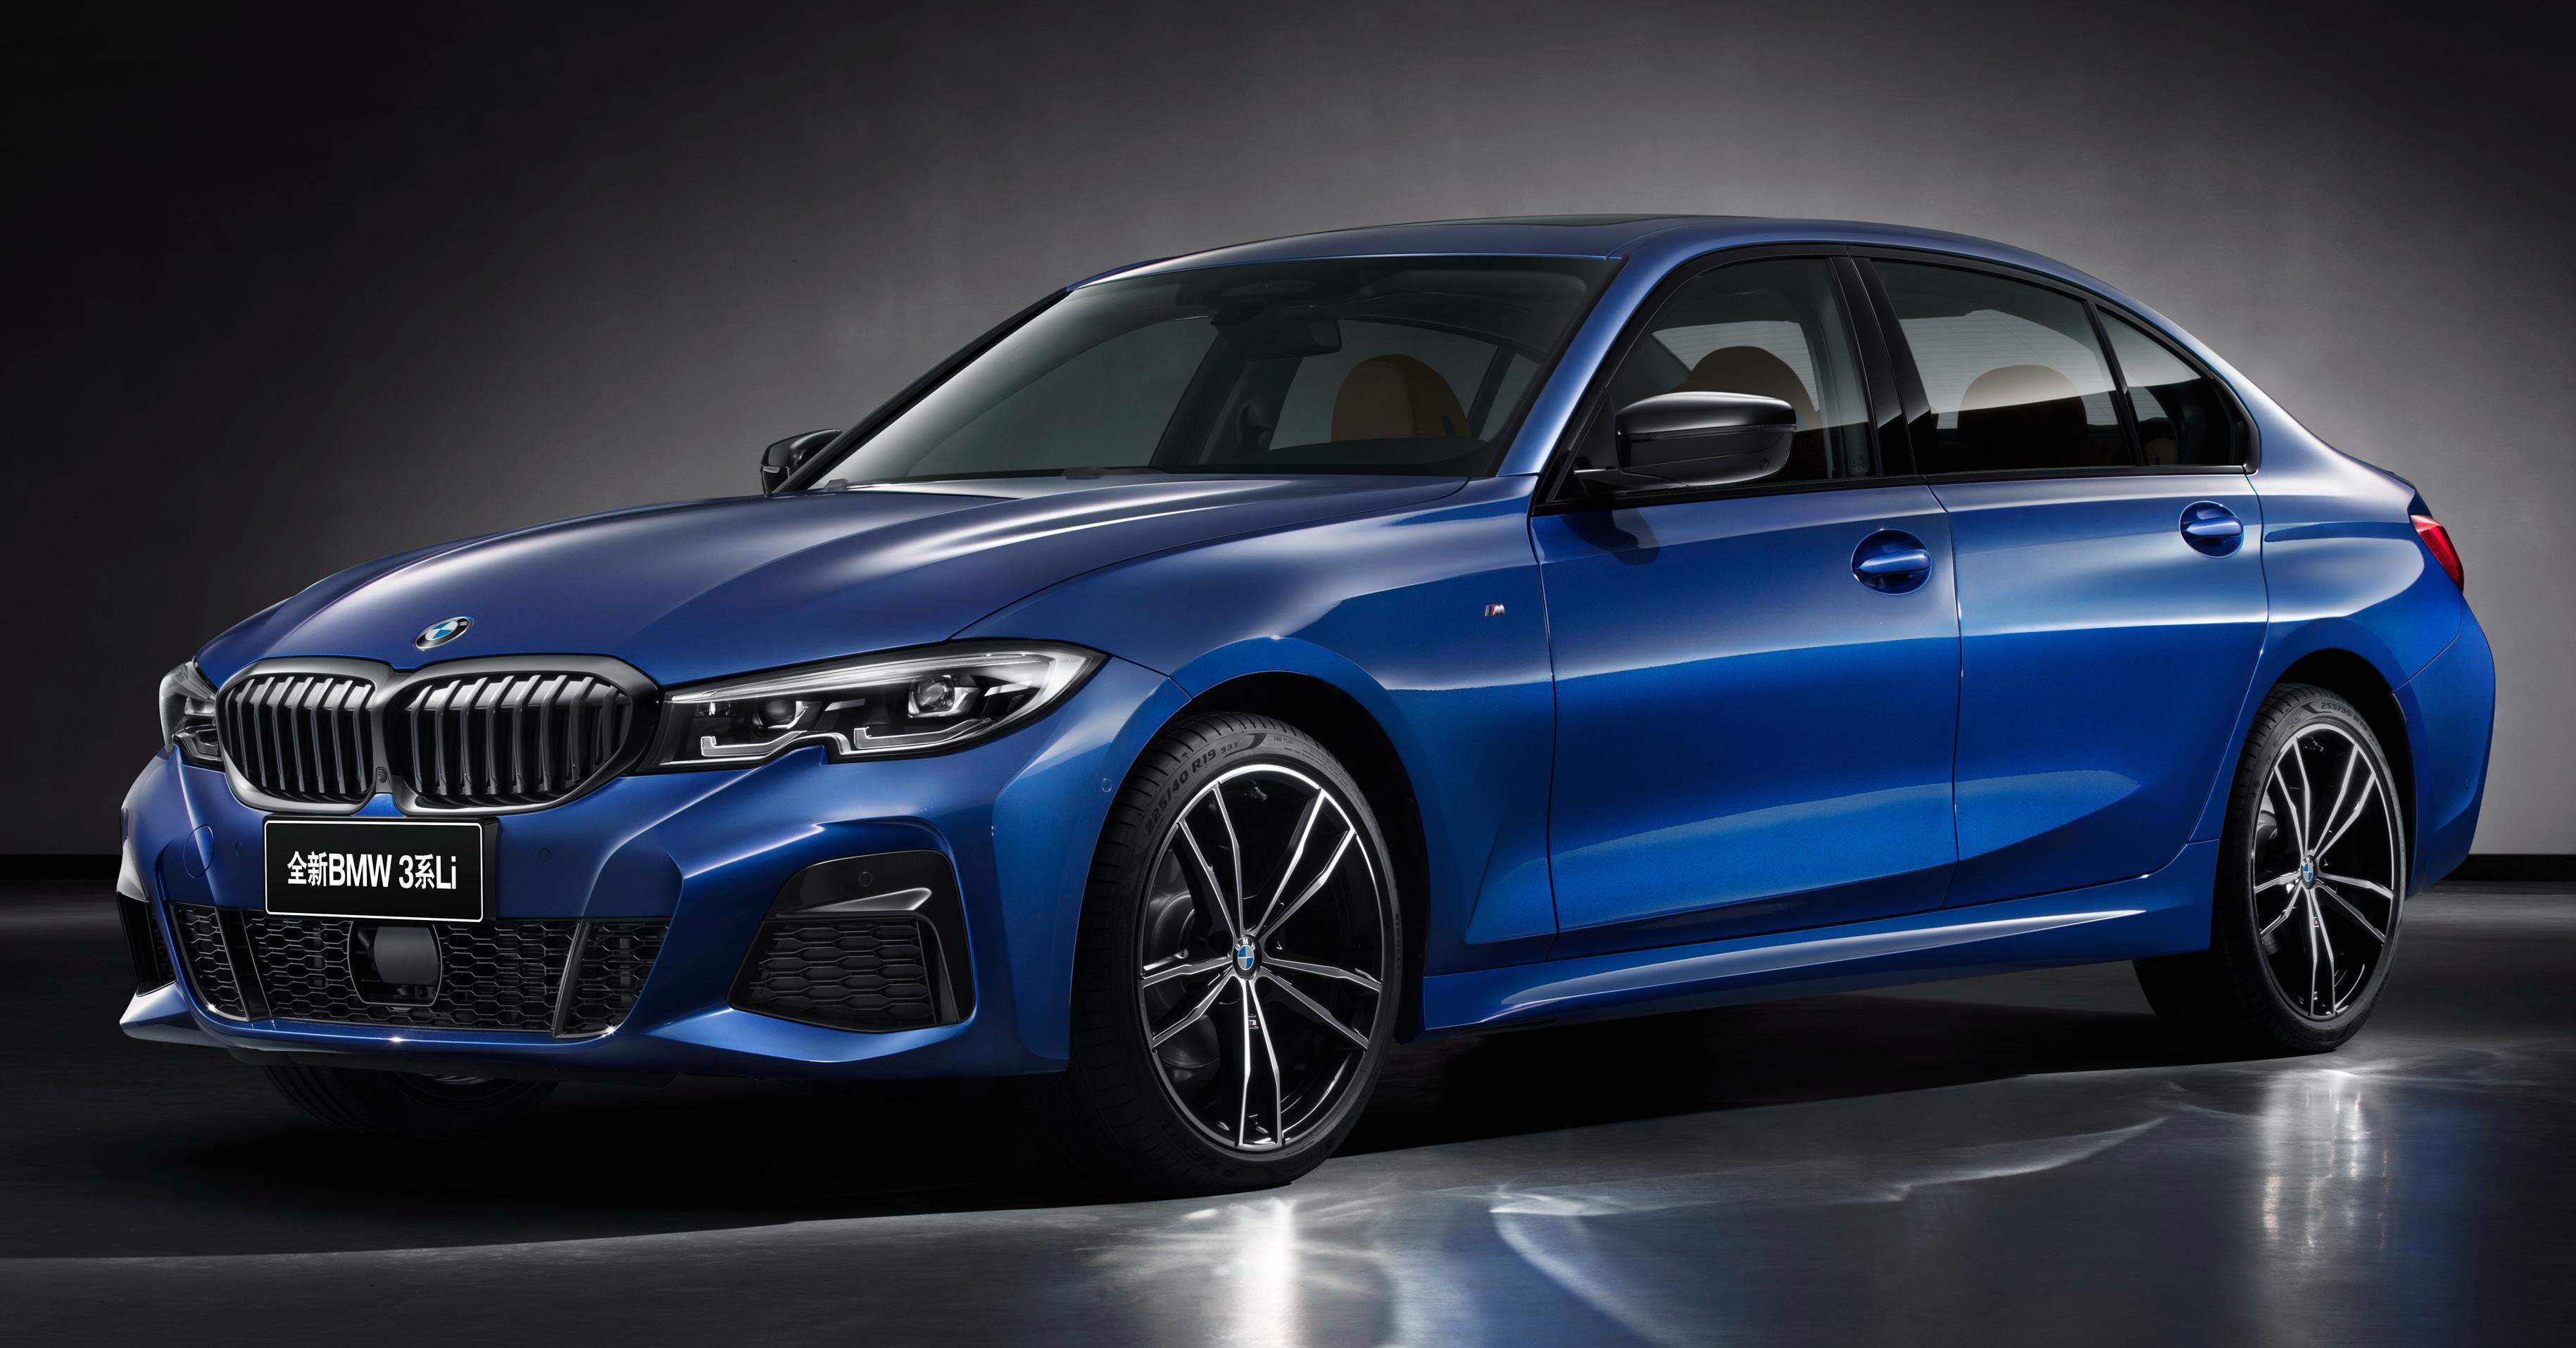 BMW 3-Series Li mới sắp ra mắt tại Triển lãm Ô tô Thượng Hải 2019